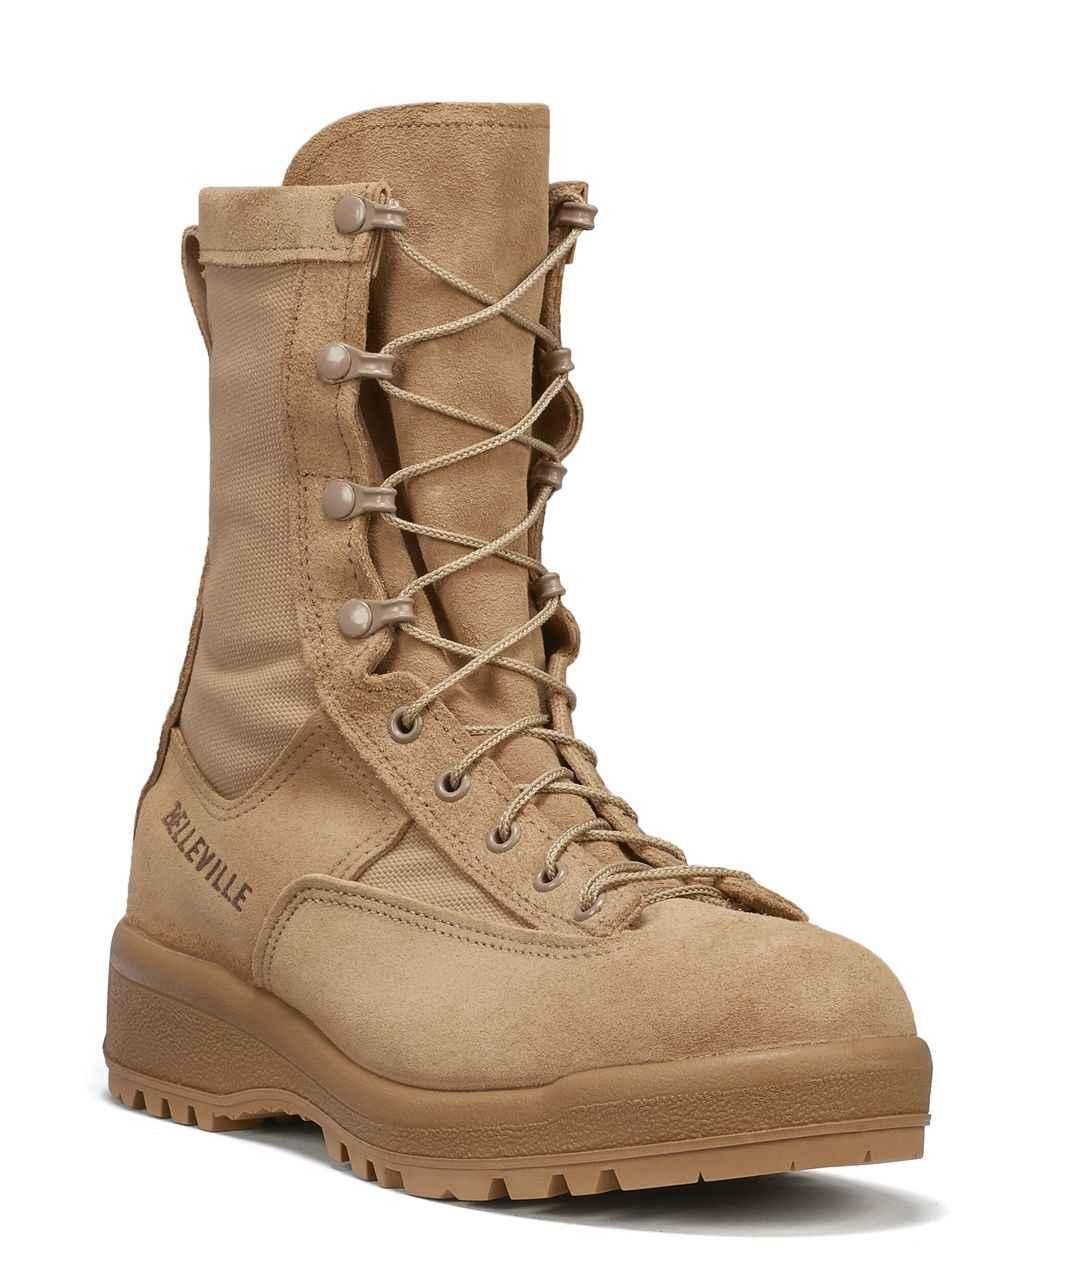 Belleville Desert Tan 790 Boots